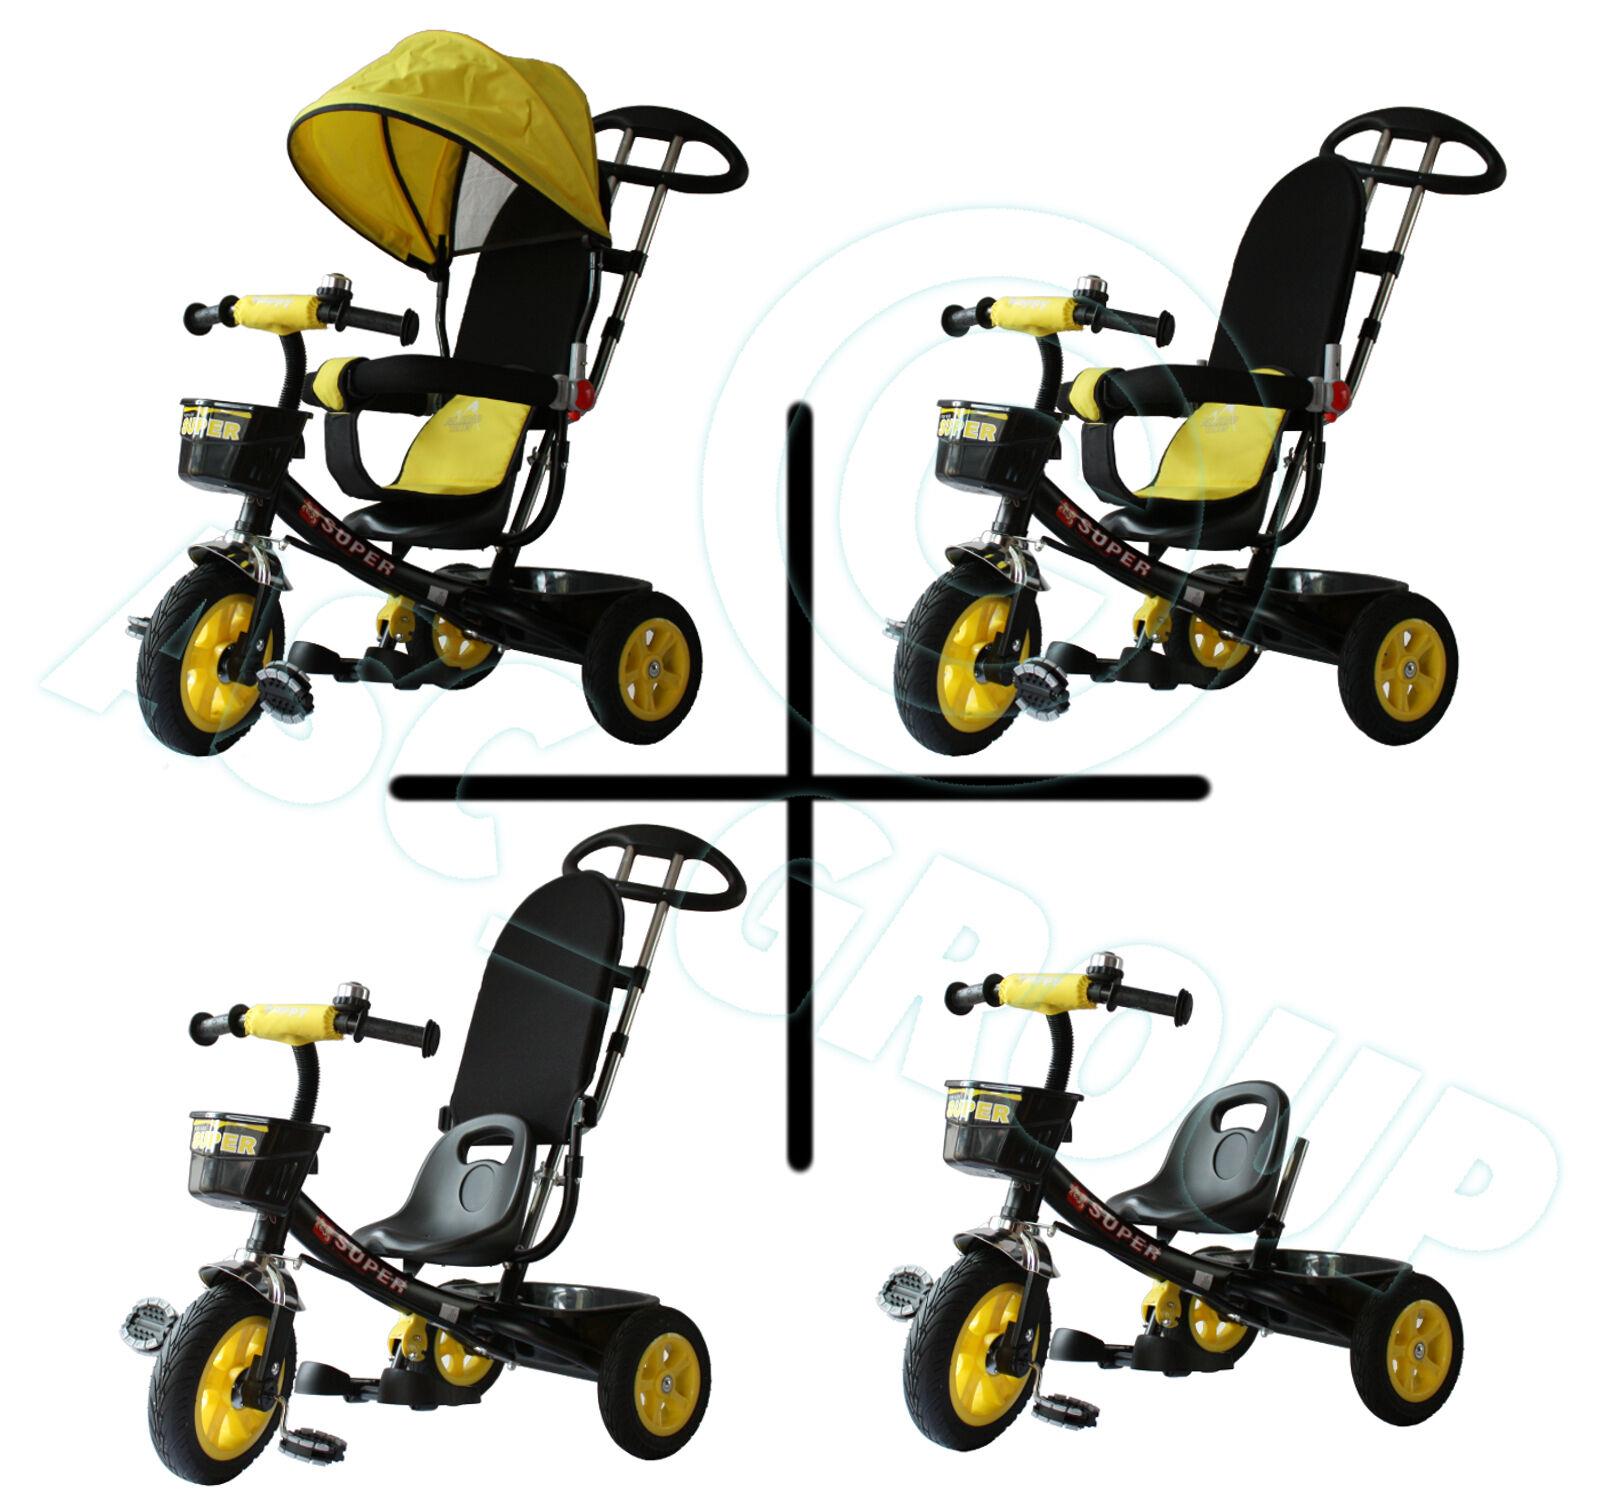 Kinder 4 in 1 Trike - Schwarz & Gelb Vorantreiben Pedale Dreirad Ce Konform